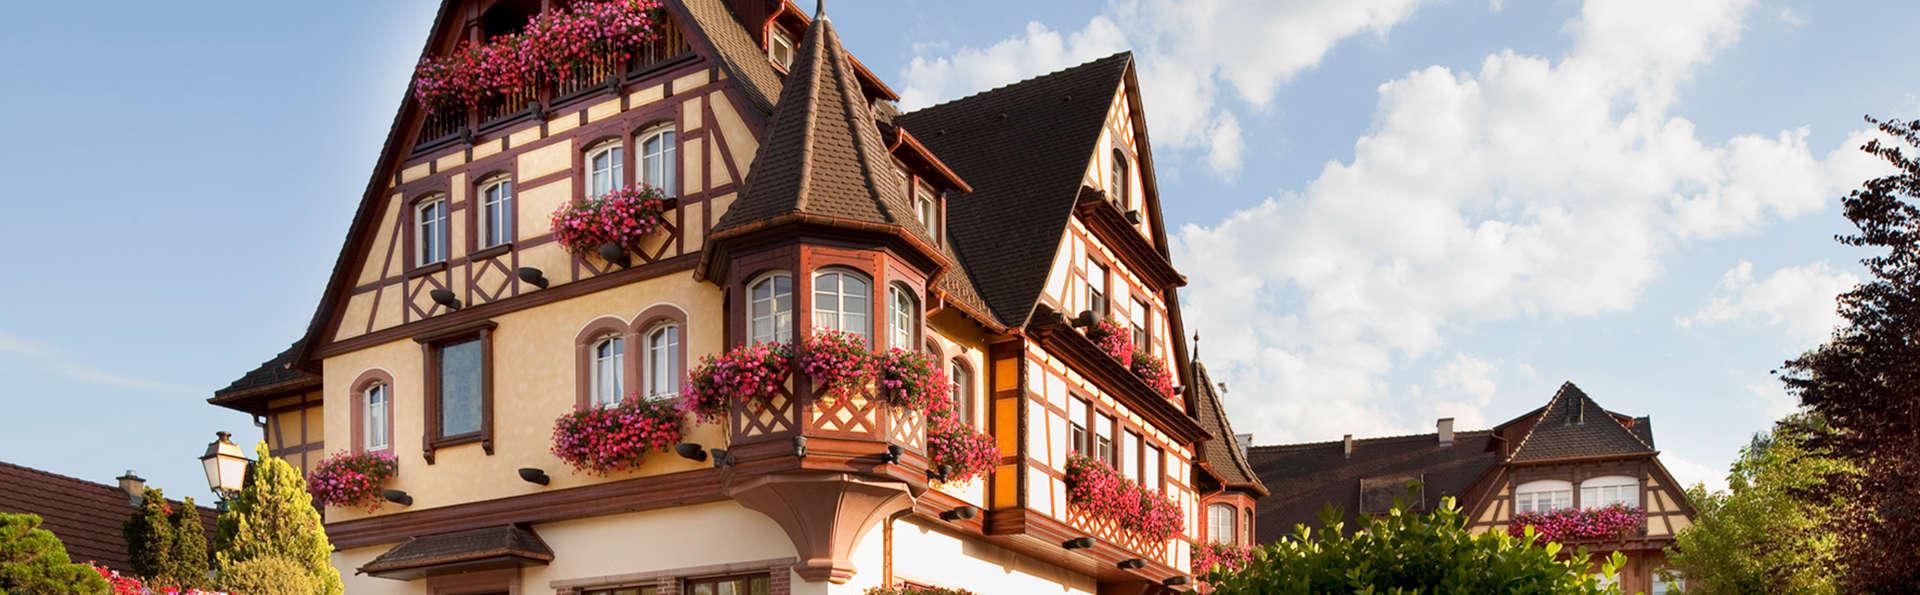 Le Parc Hôtel Obernai & Spa - Edit_Front.jpg